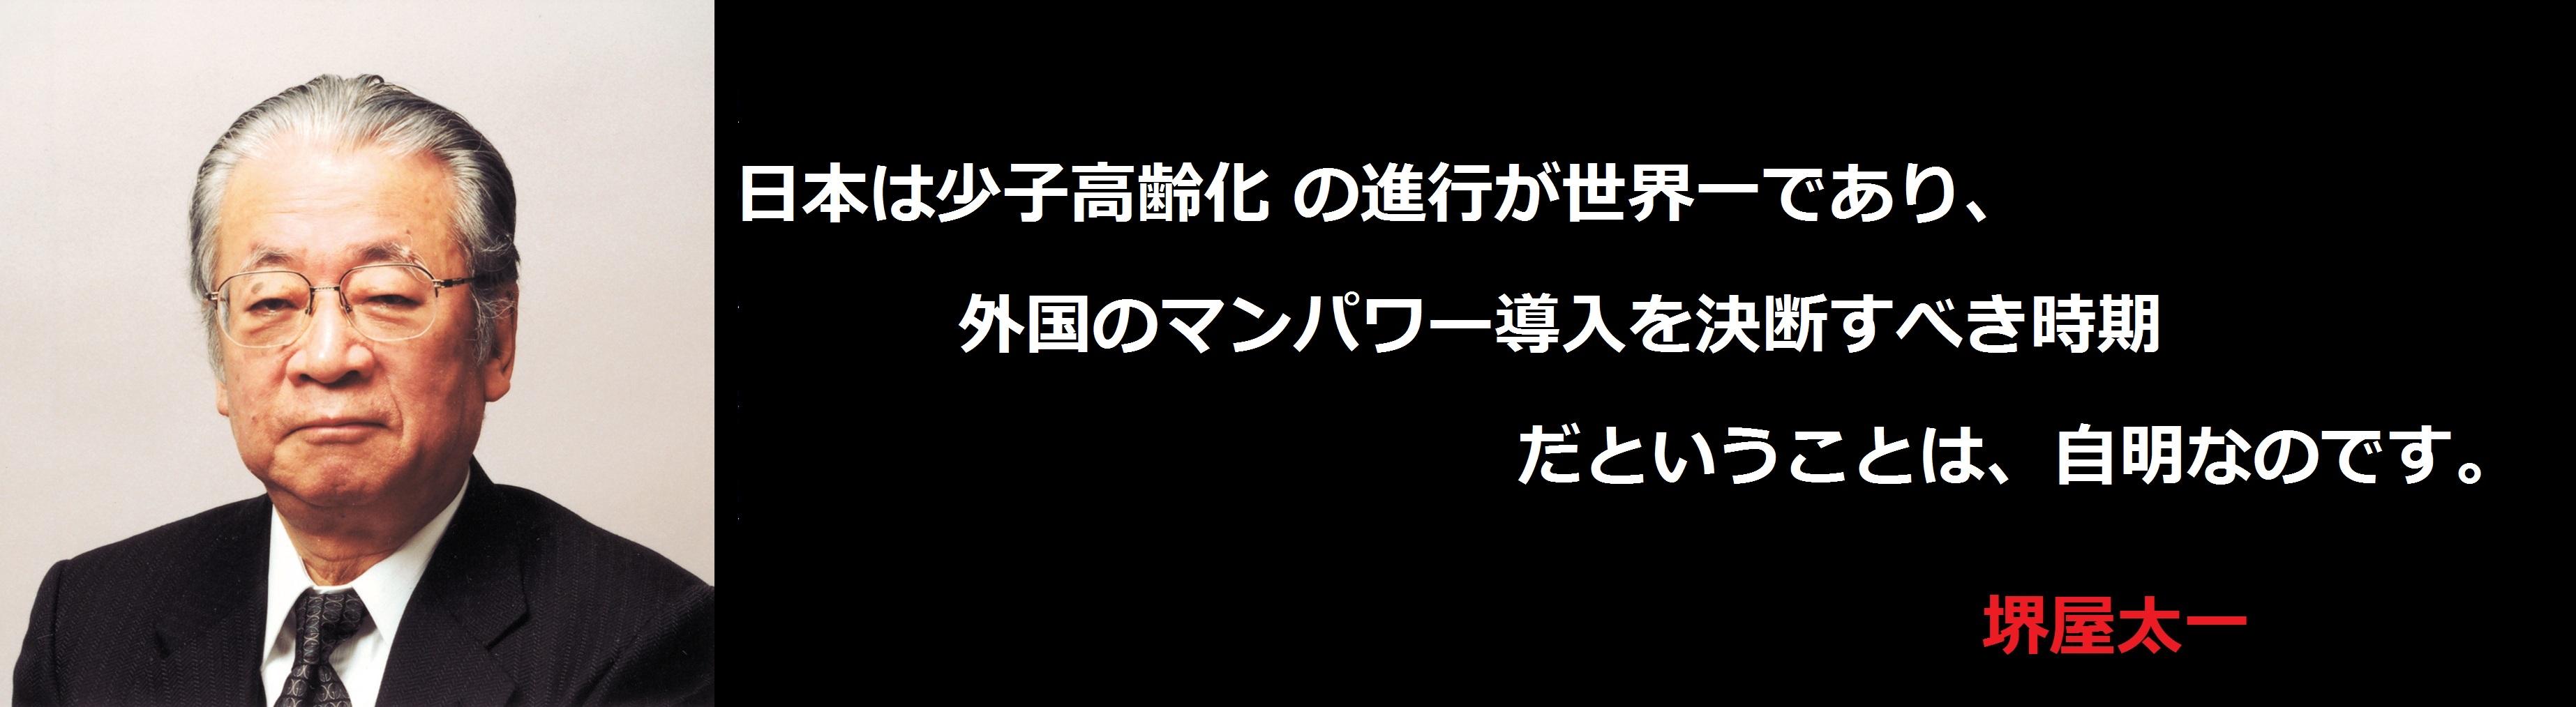 f:id:JAPbuster:20170212231403j:plain